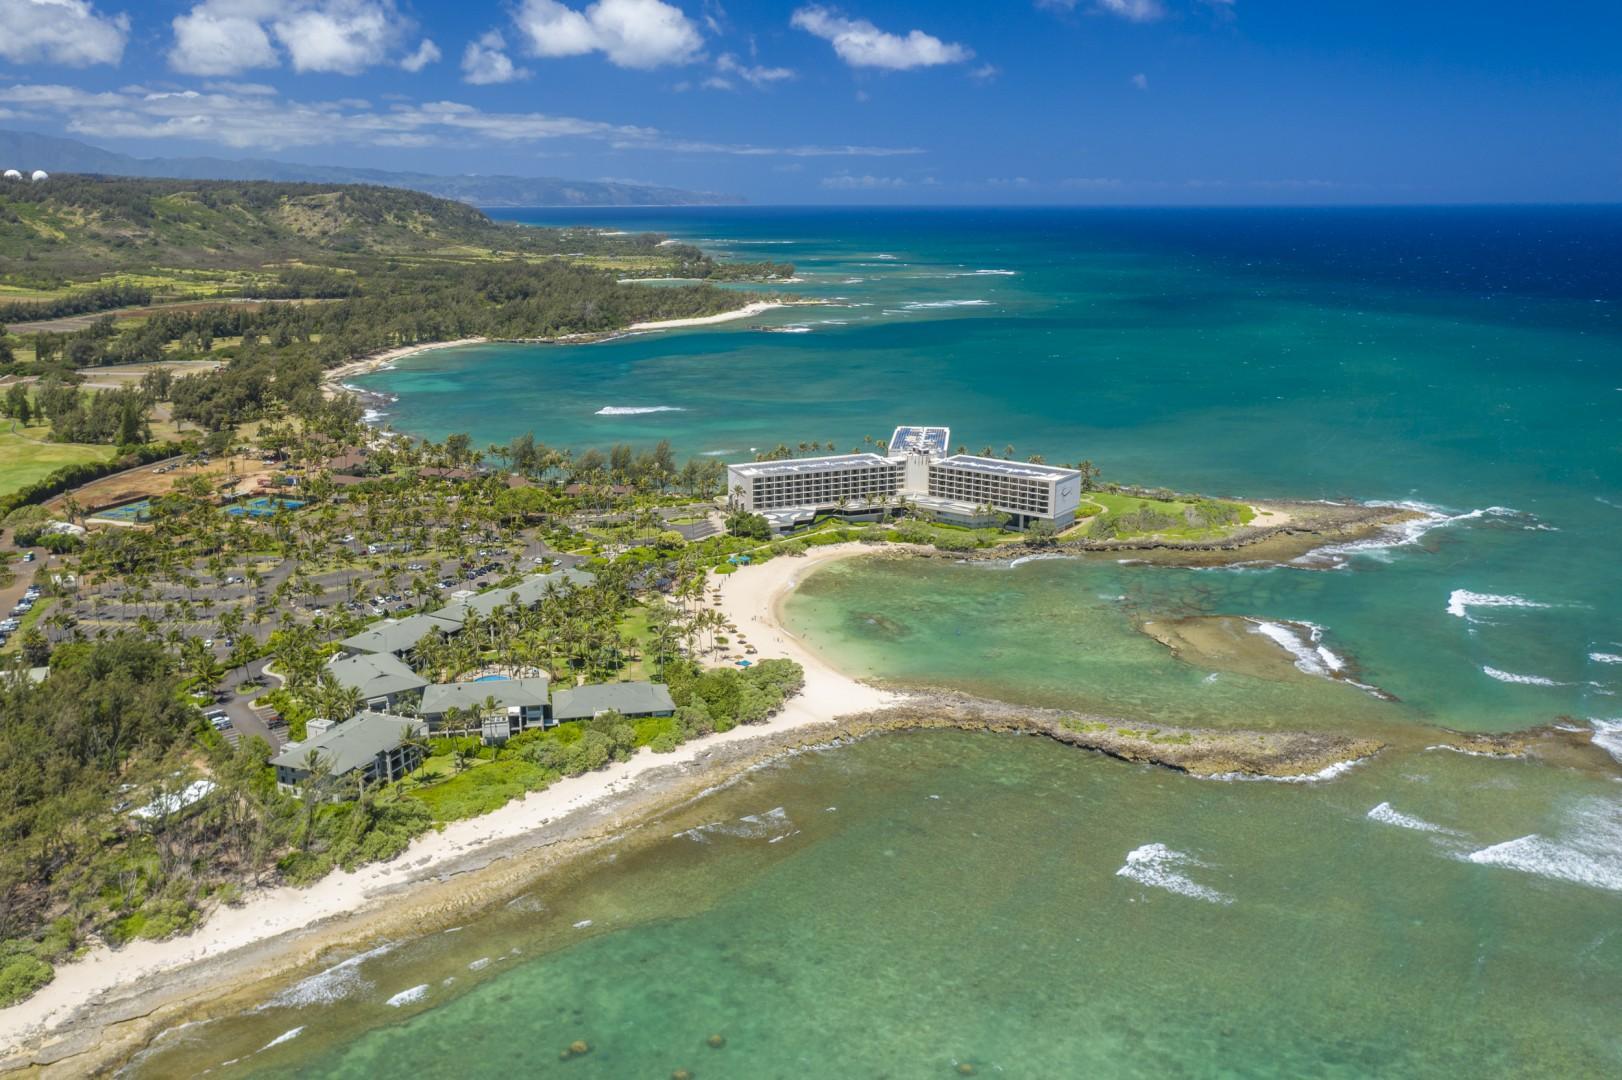 Ocean Villas and Turtle Bay Resort